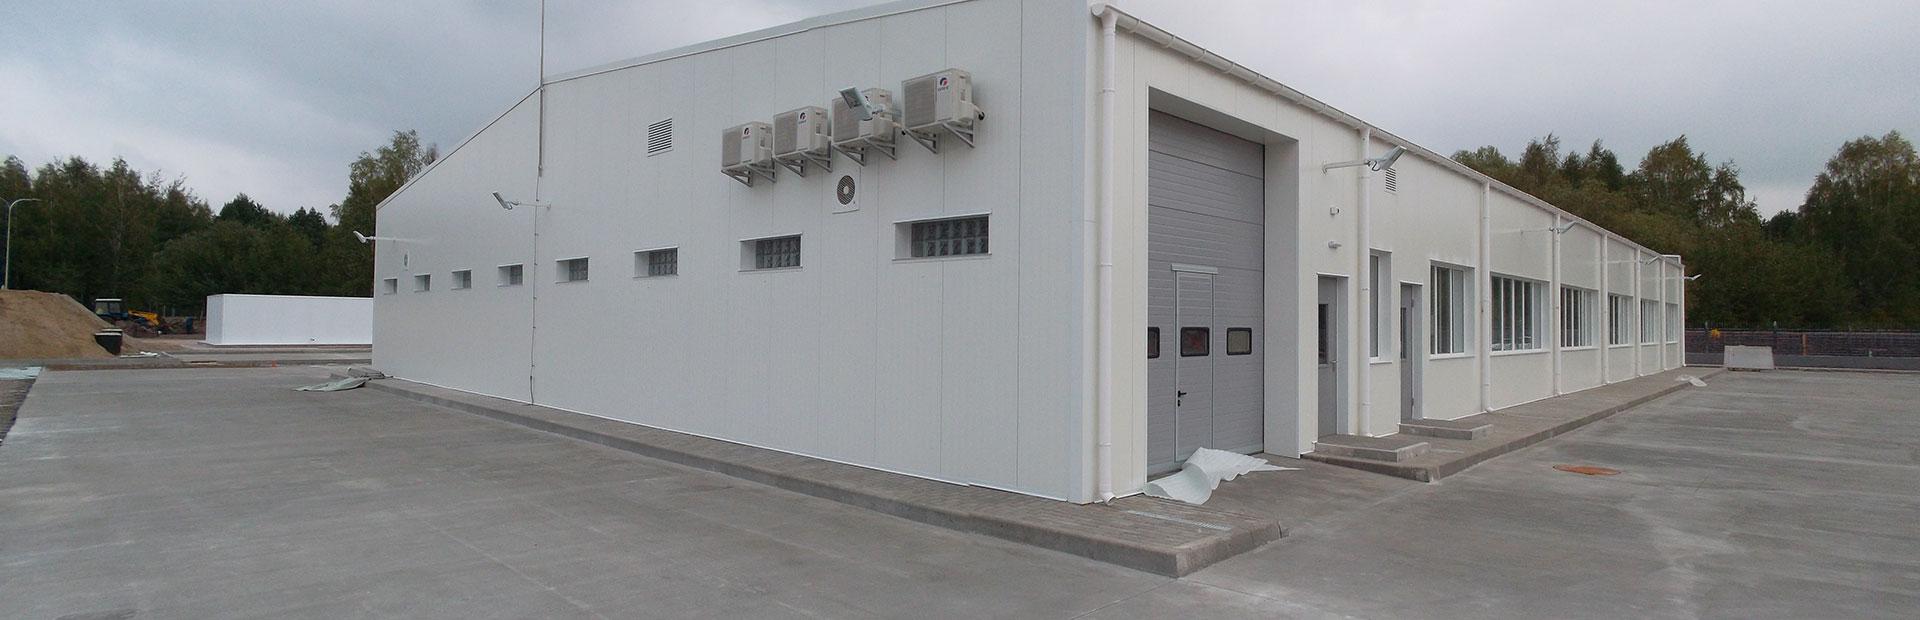 Офисно-складские помещения